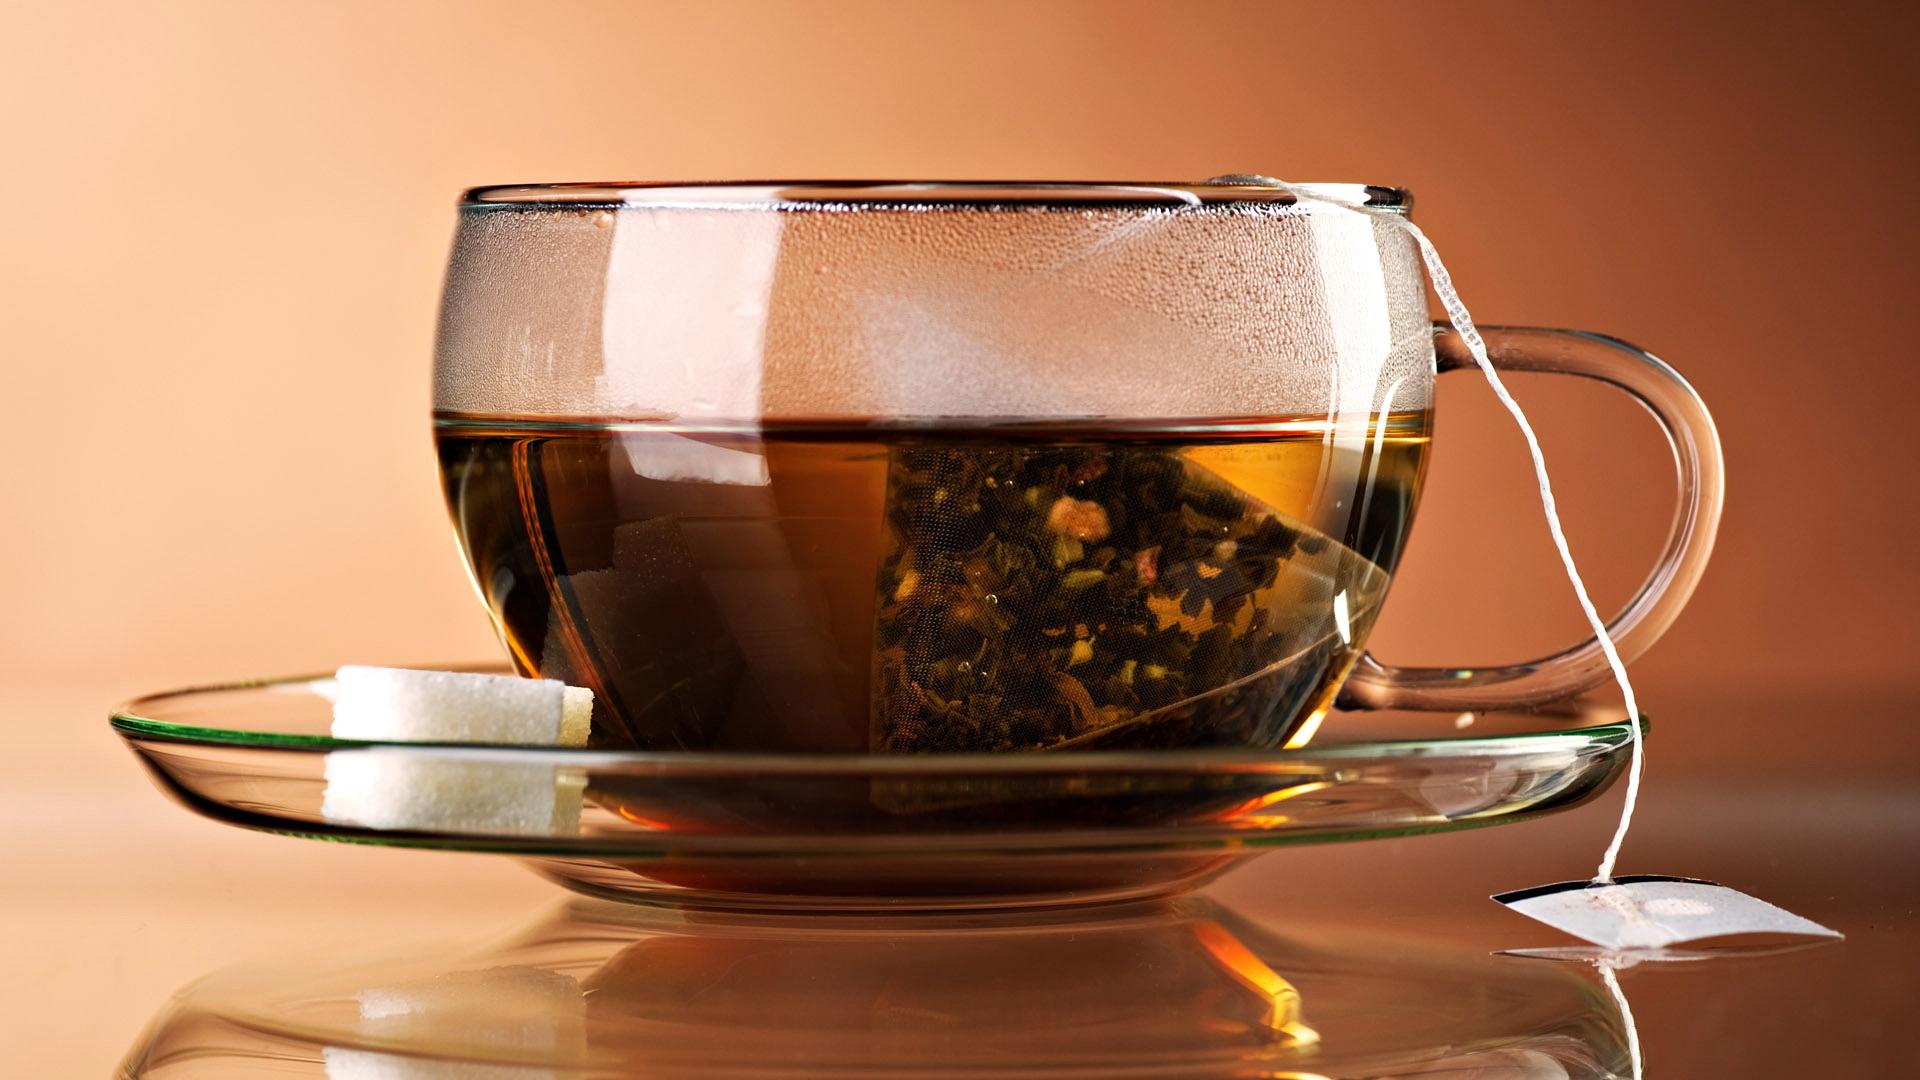 Оказывается, чай в пакетиках сильно портит зубы